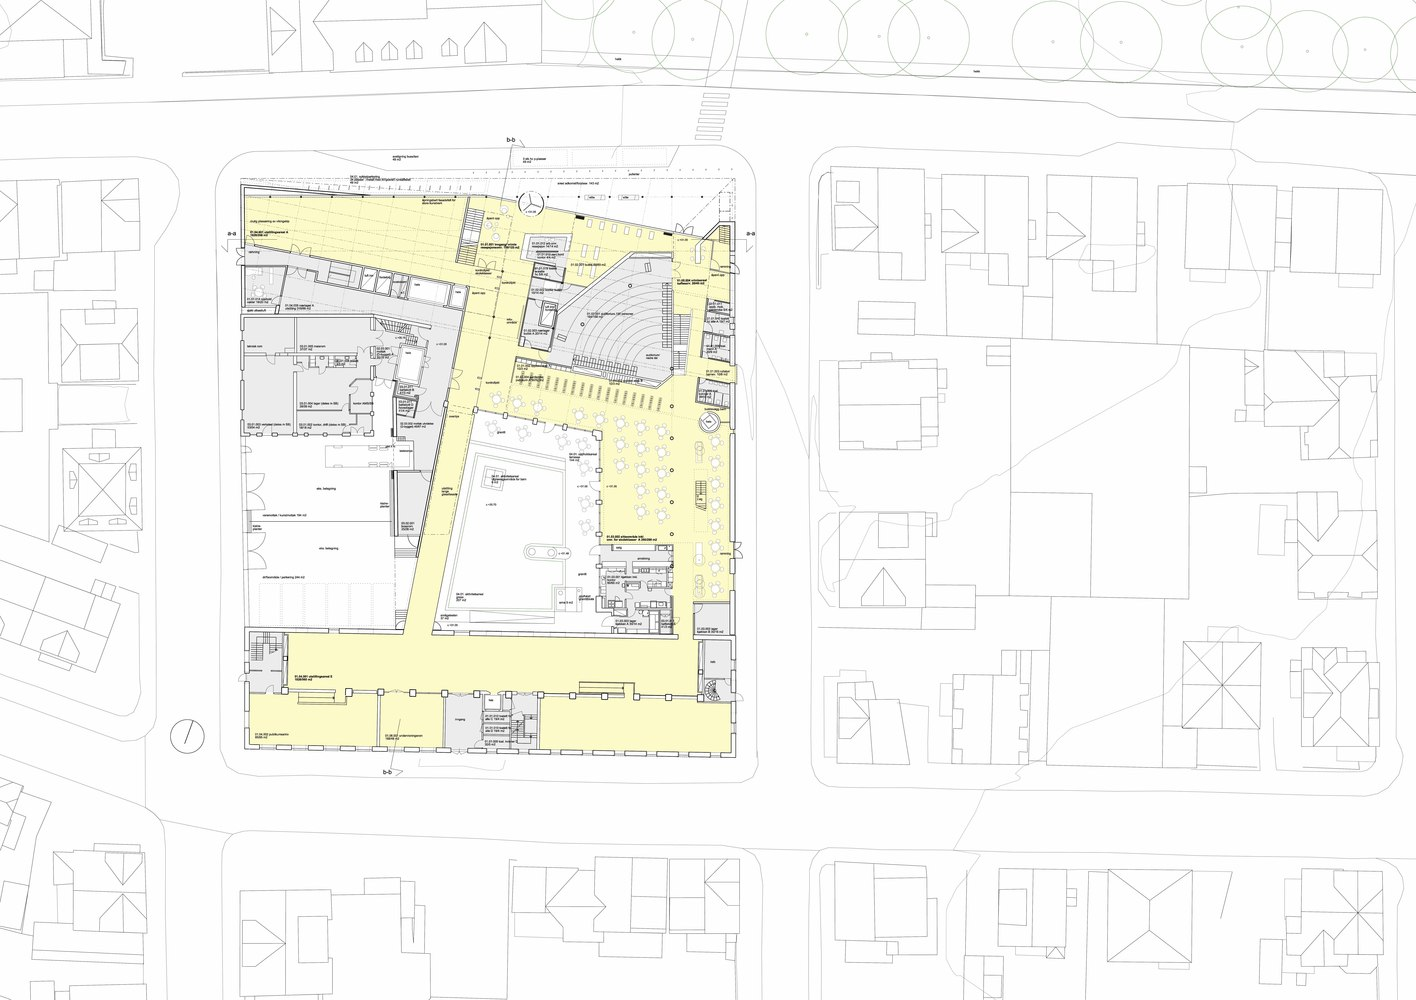 medium resolution of stavanger museum of archeology lund slaatto architects ground floor plan